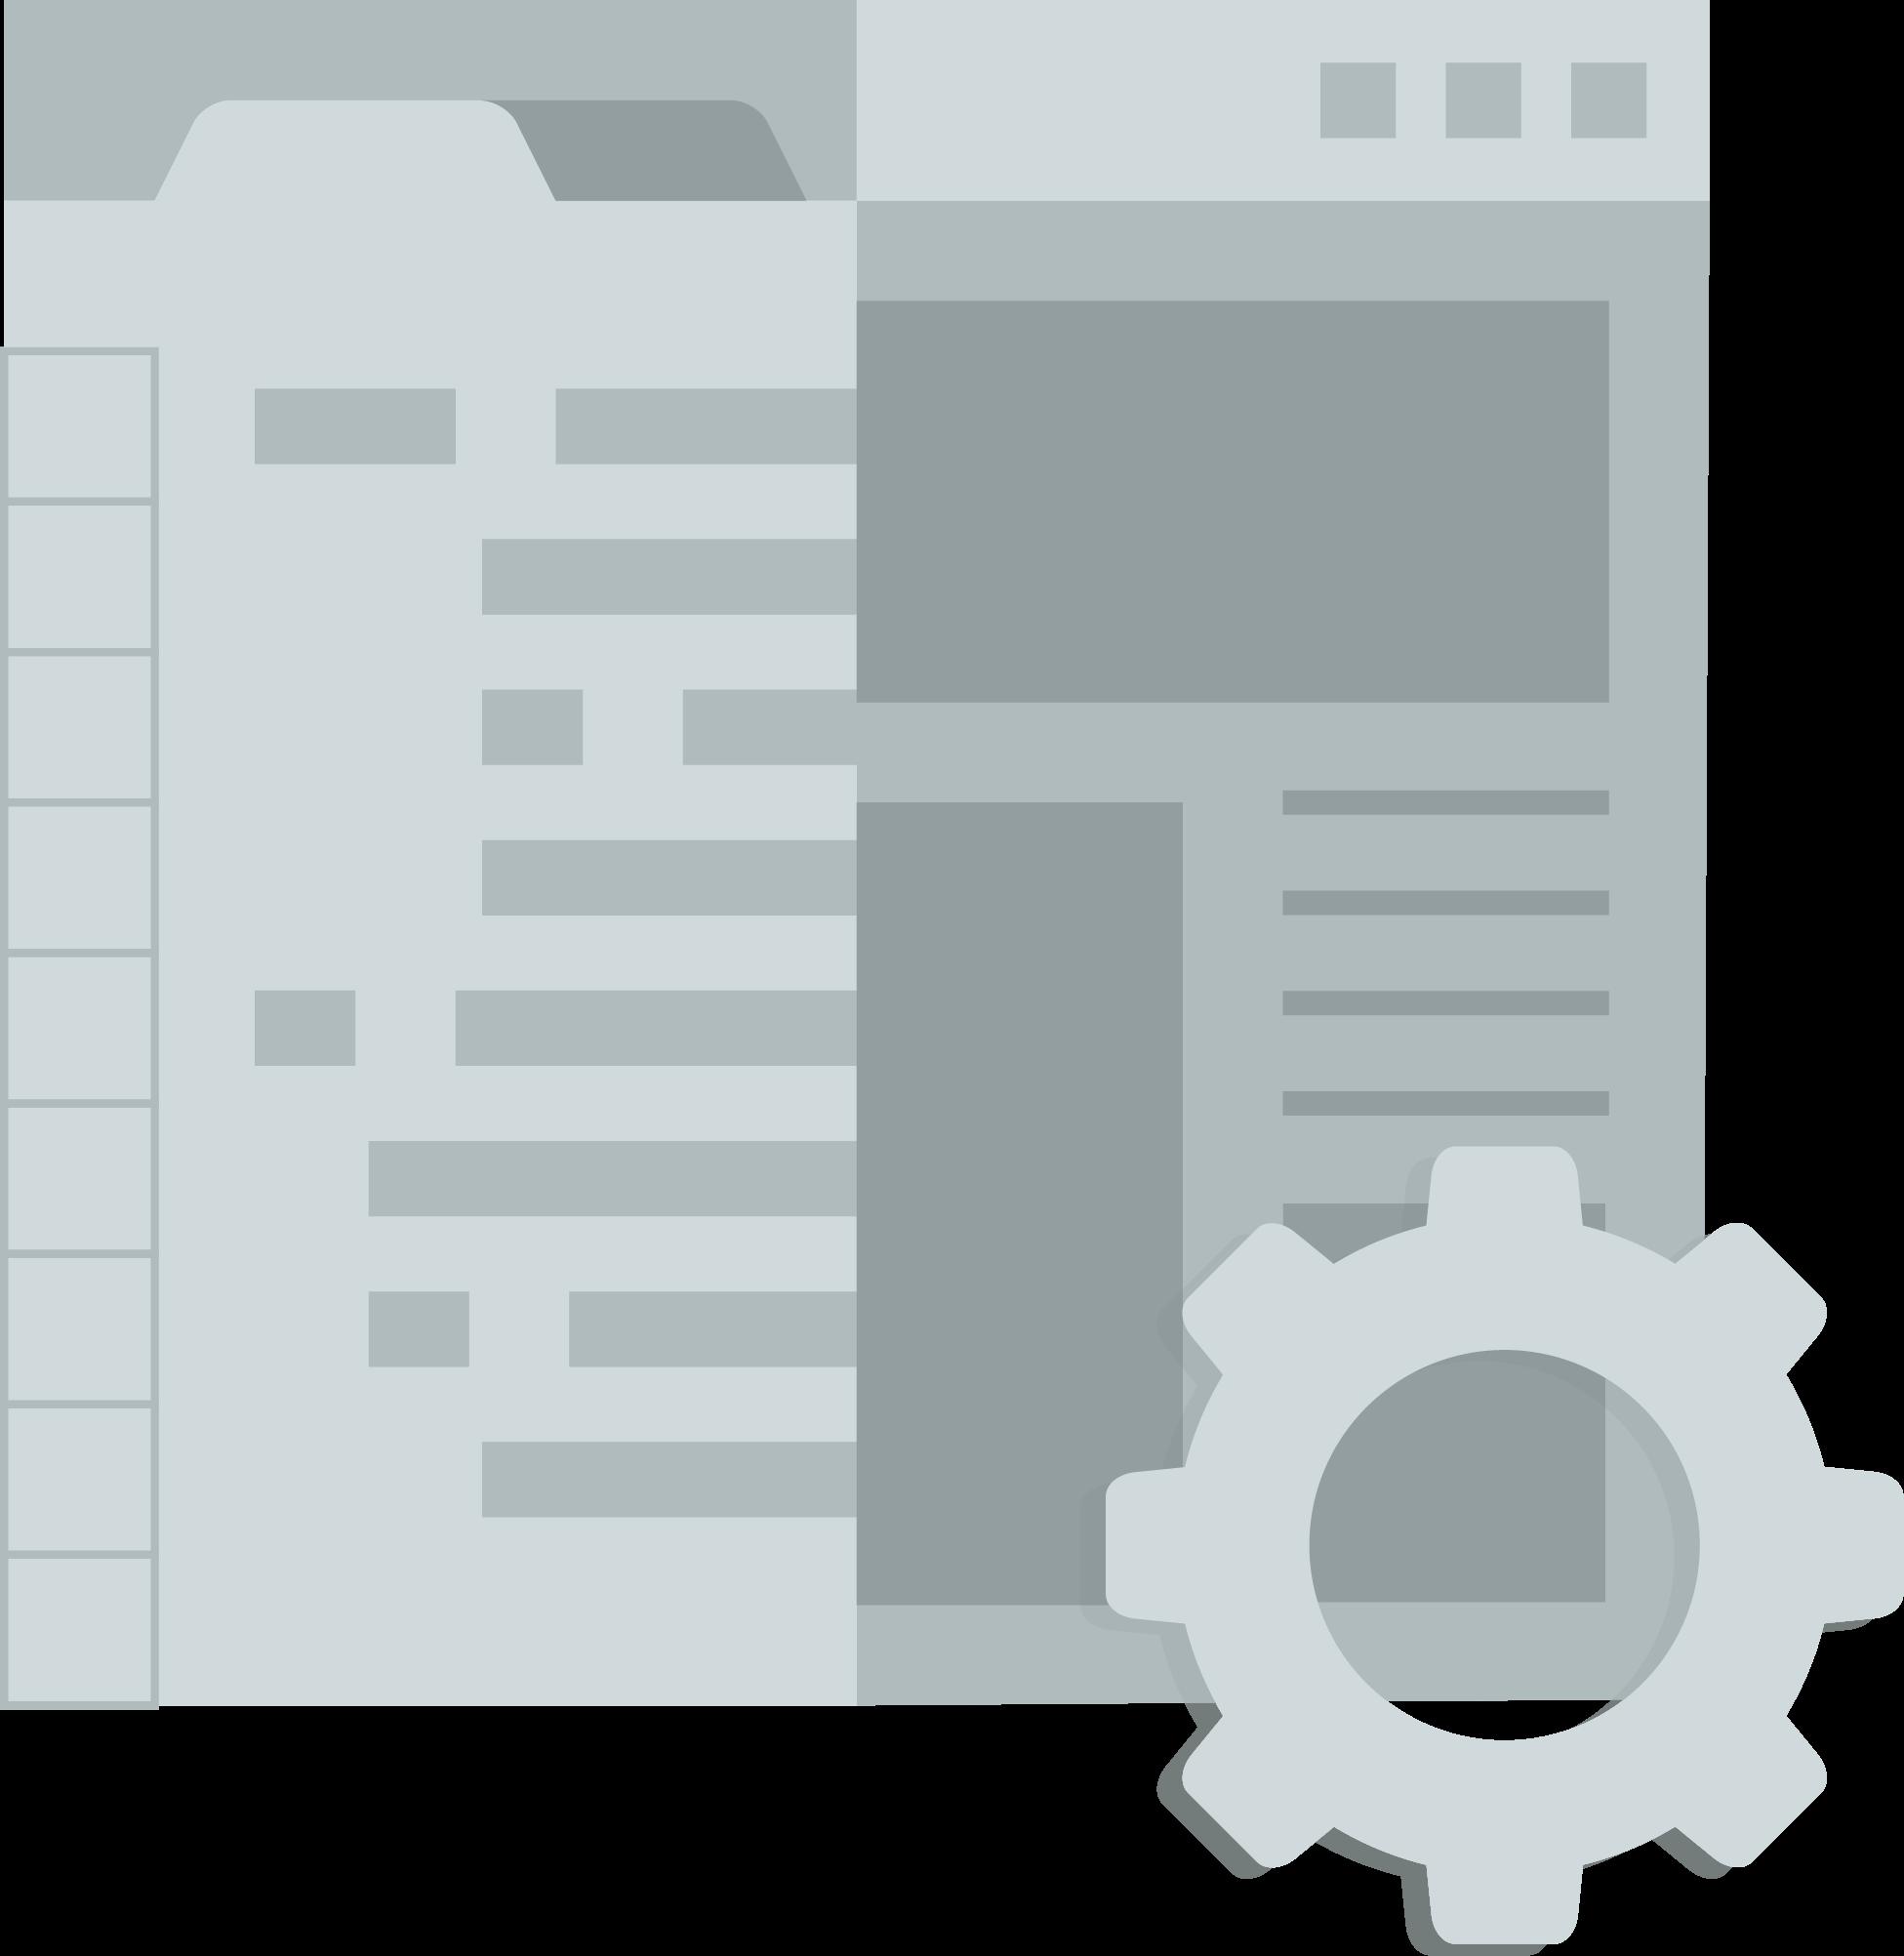 Front end developer position